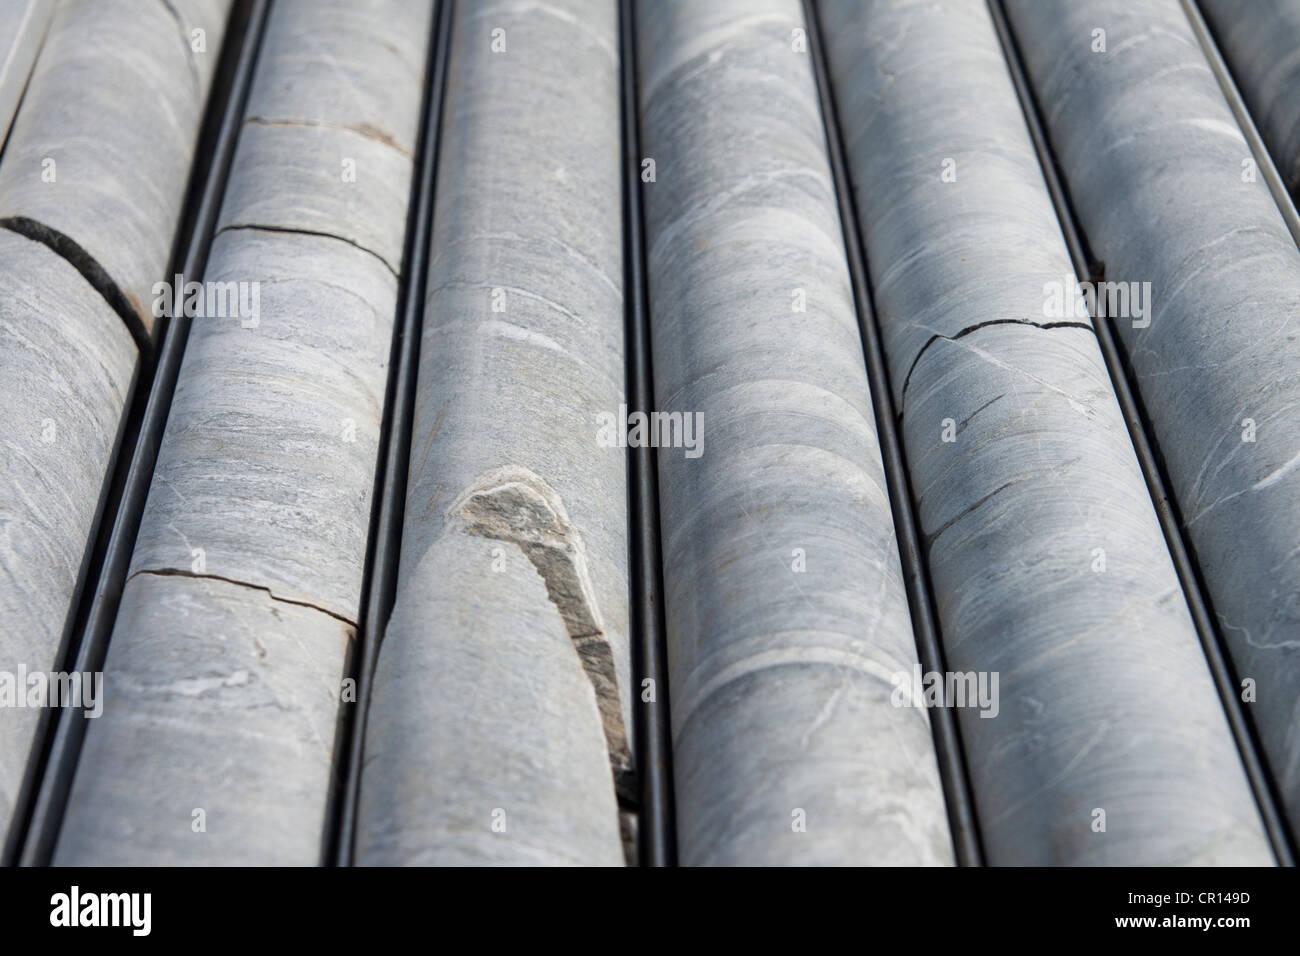 Núcleo de perforación al diamante se alinearon durante la campaña de perforación de exploración Foto de stock